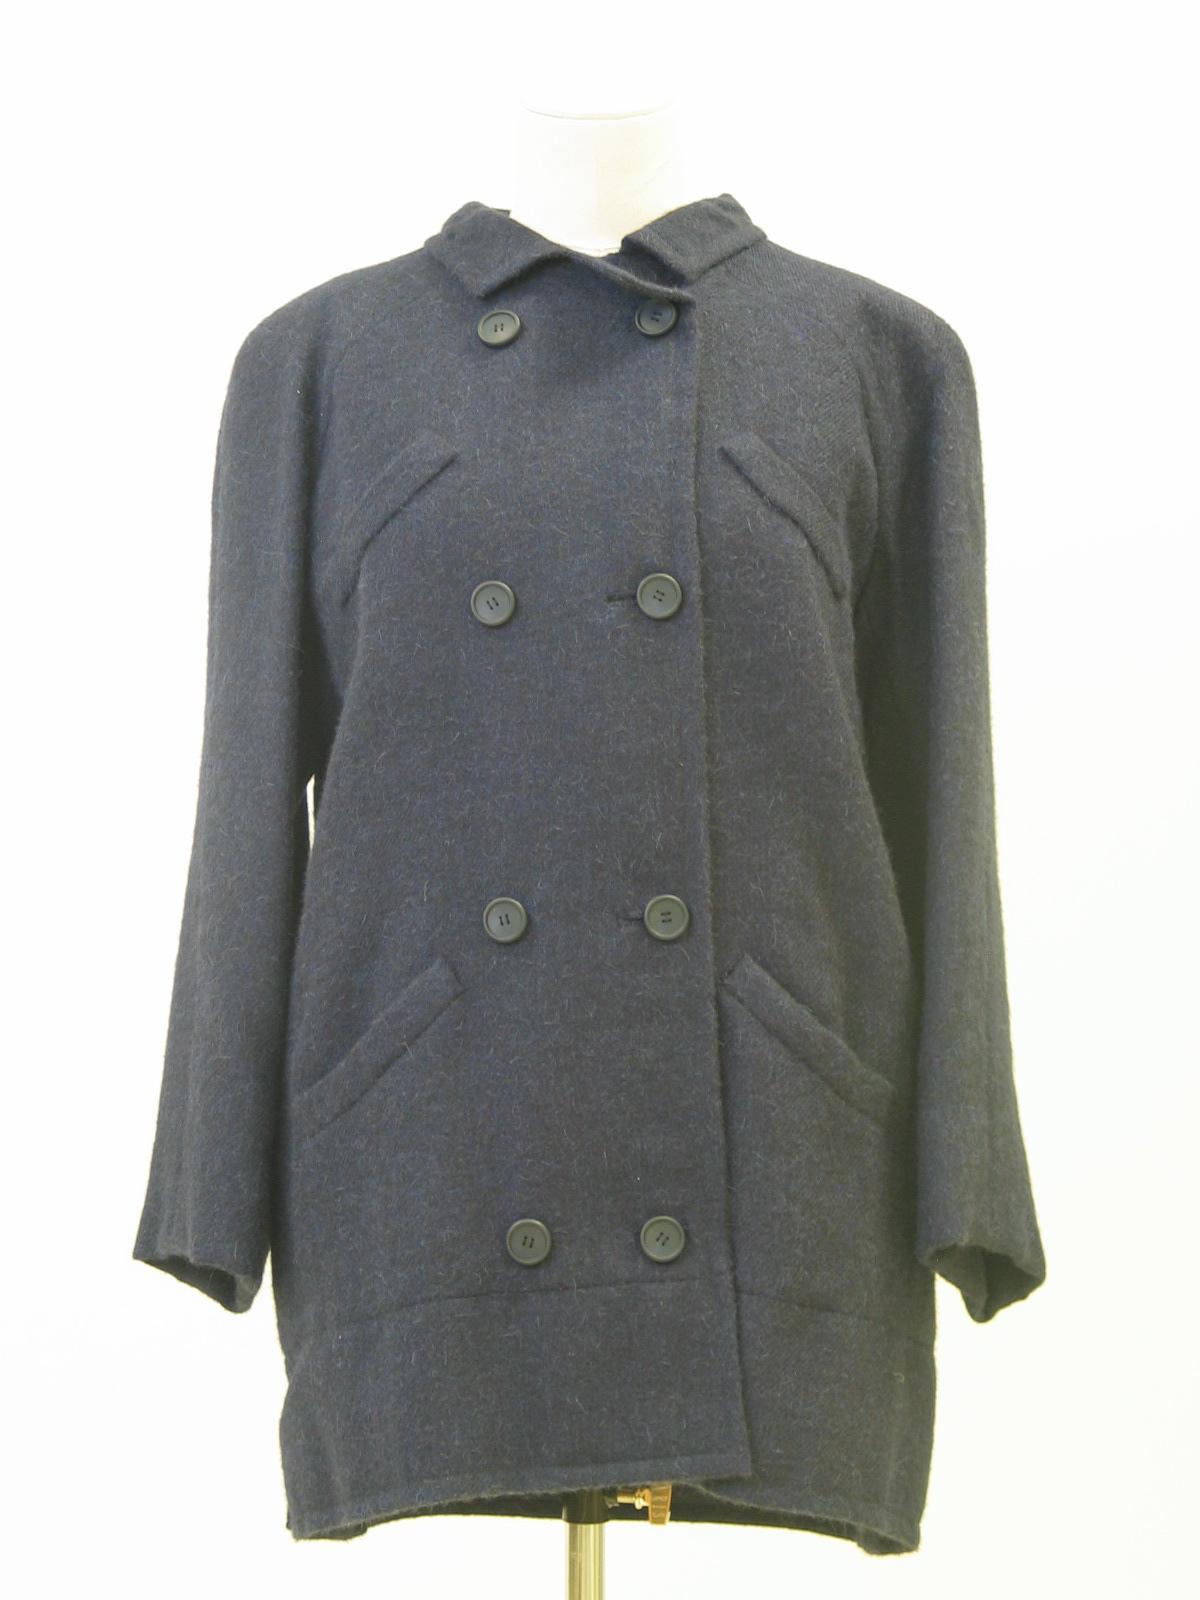 Chaqueton en lana mohair azul marino con botonadura doble.